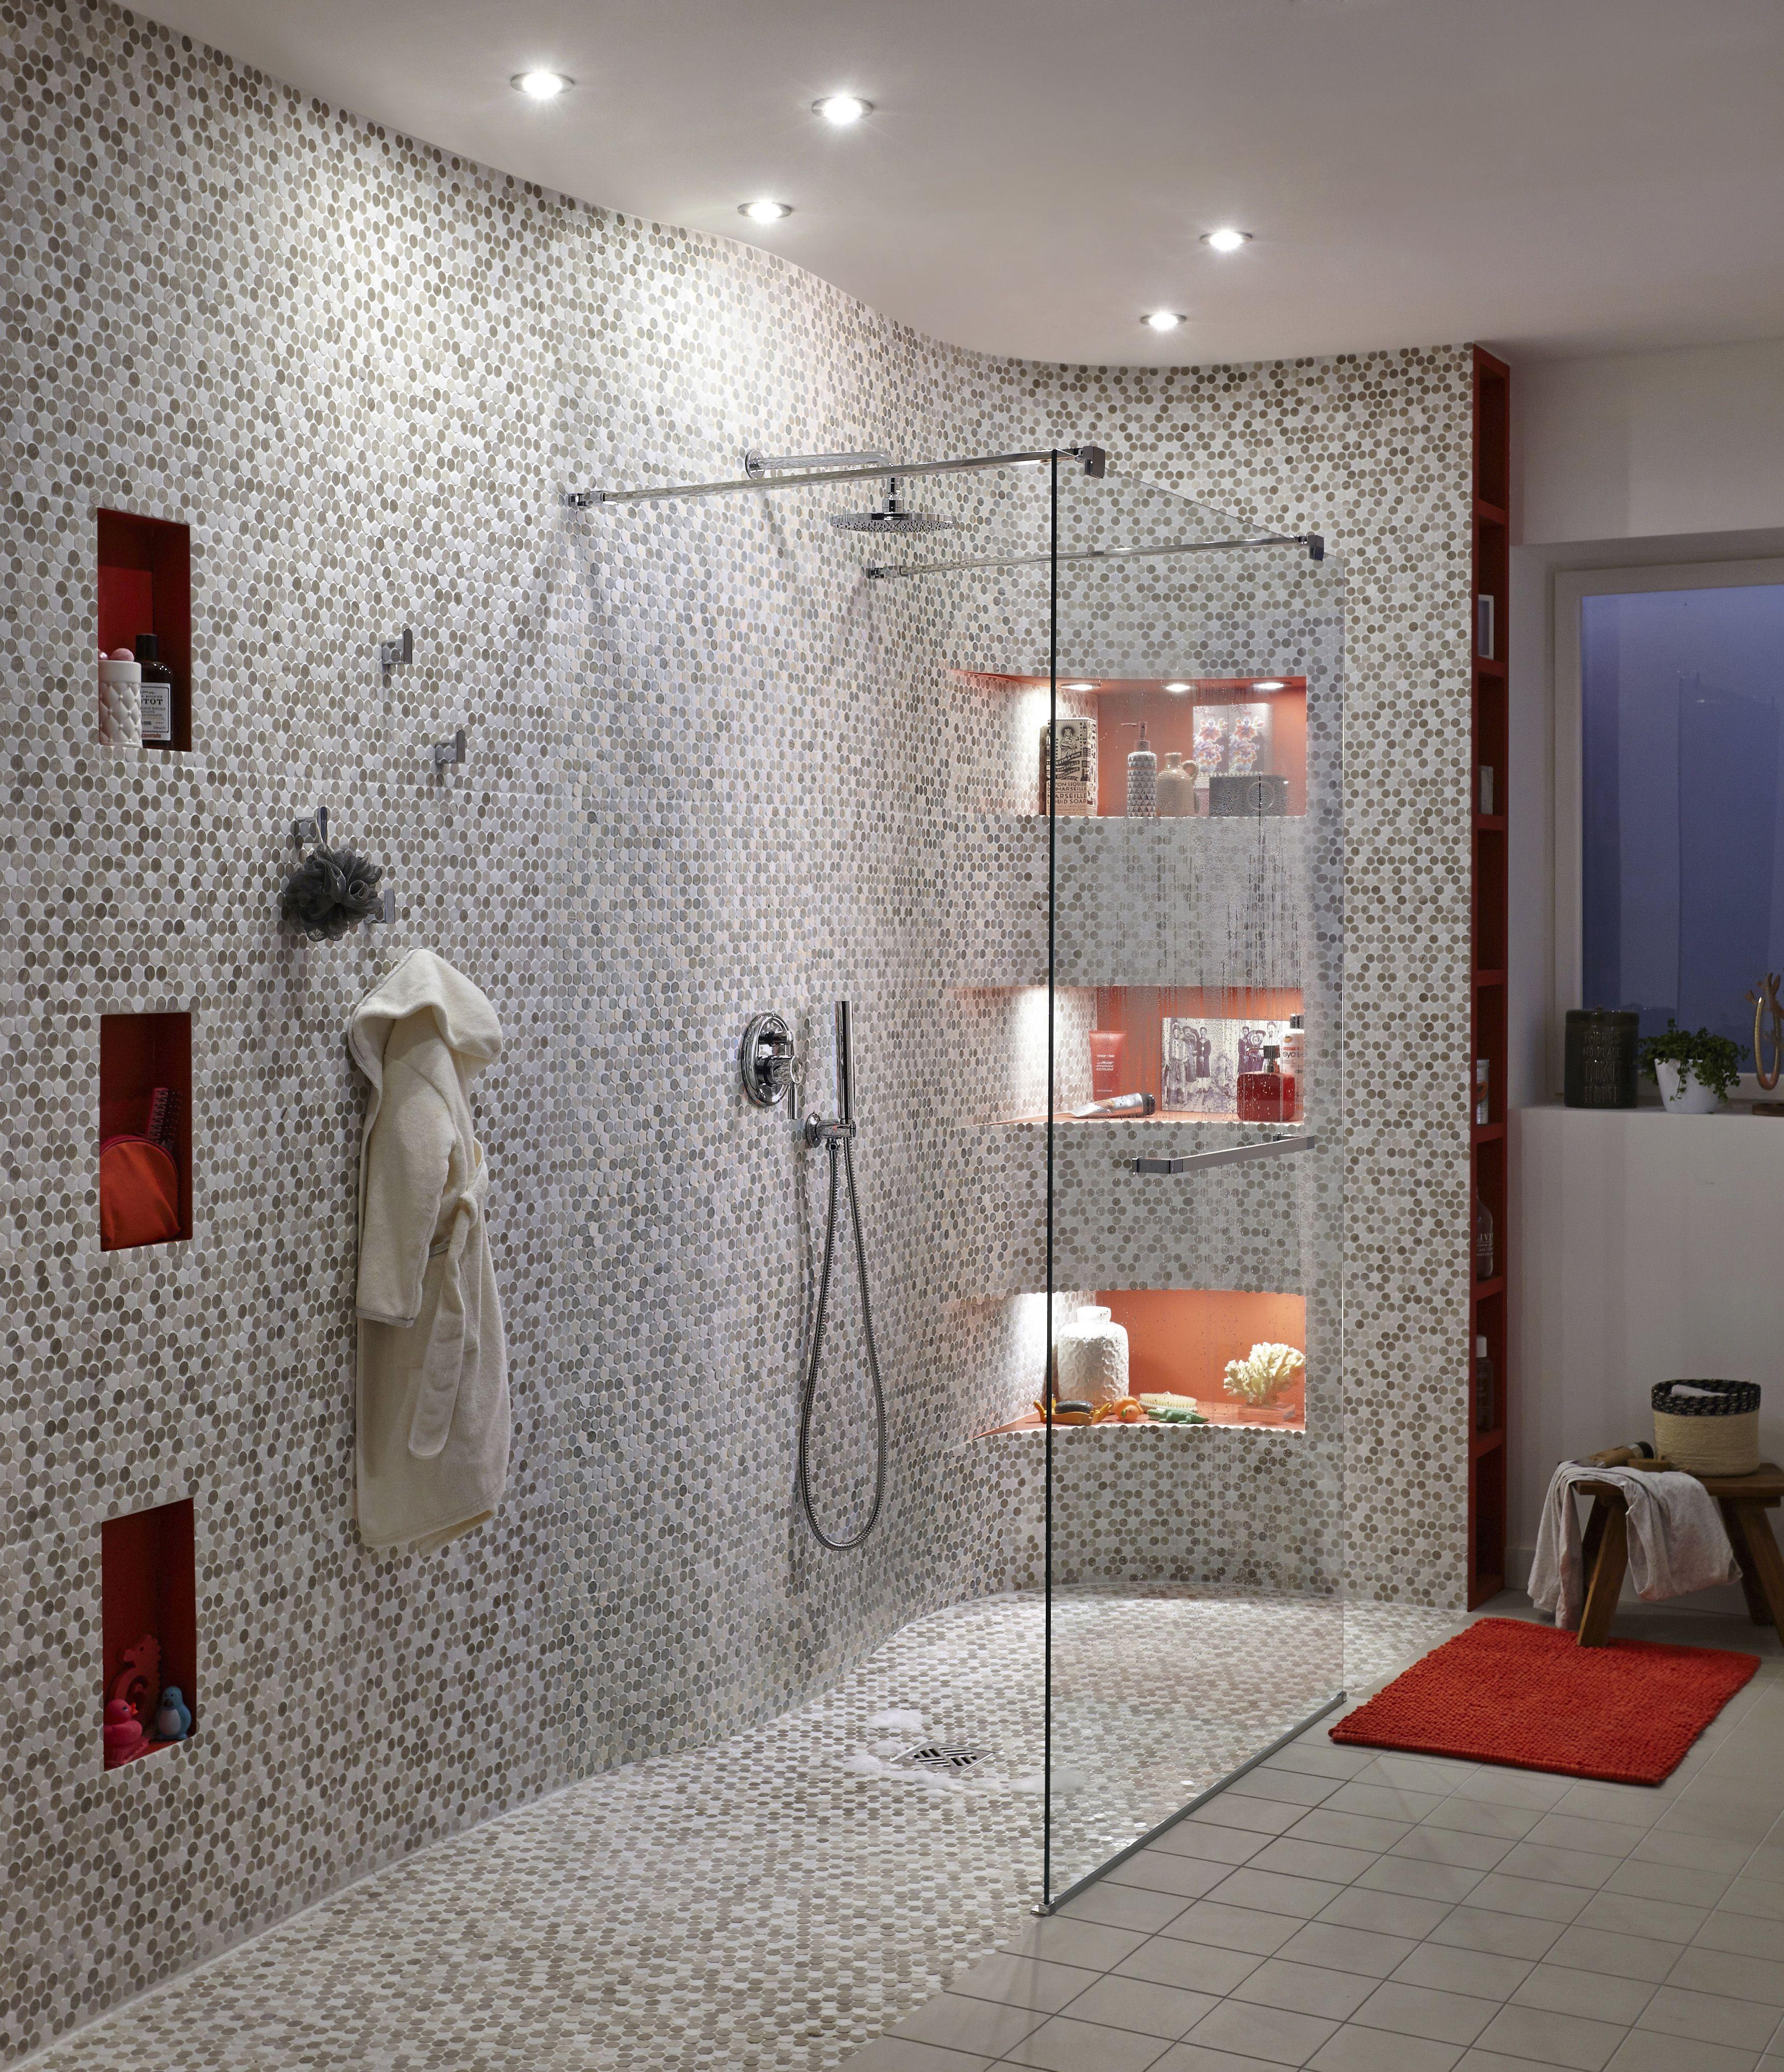 Douche à Lu0027italienne Agrémentée De Mosaïque En Marbre Blanc Et Moka.  #salledebains #doucheitalienne #marbre #mosaique